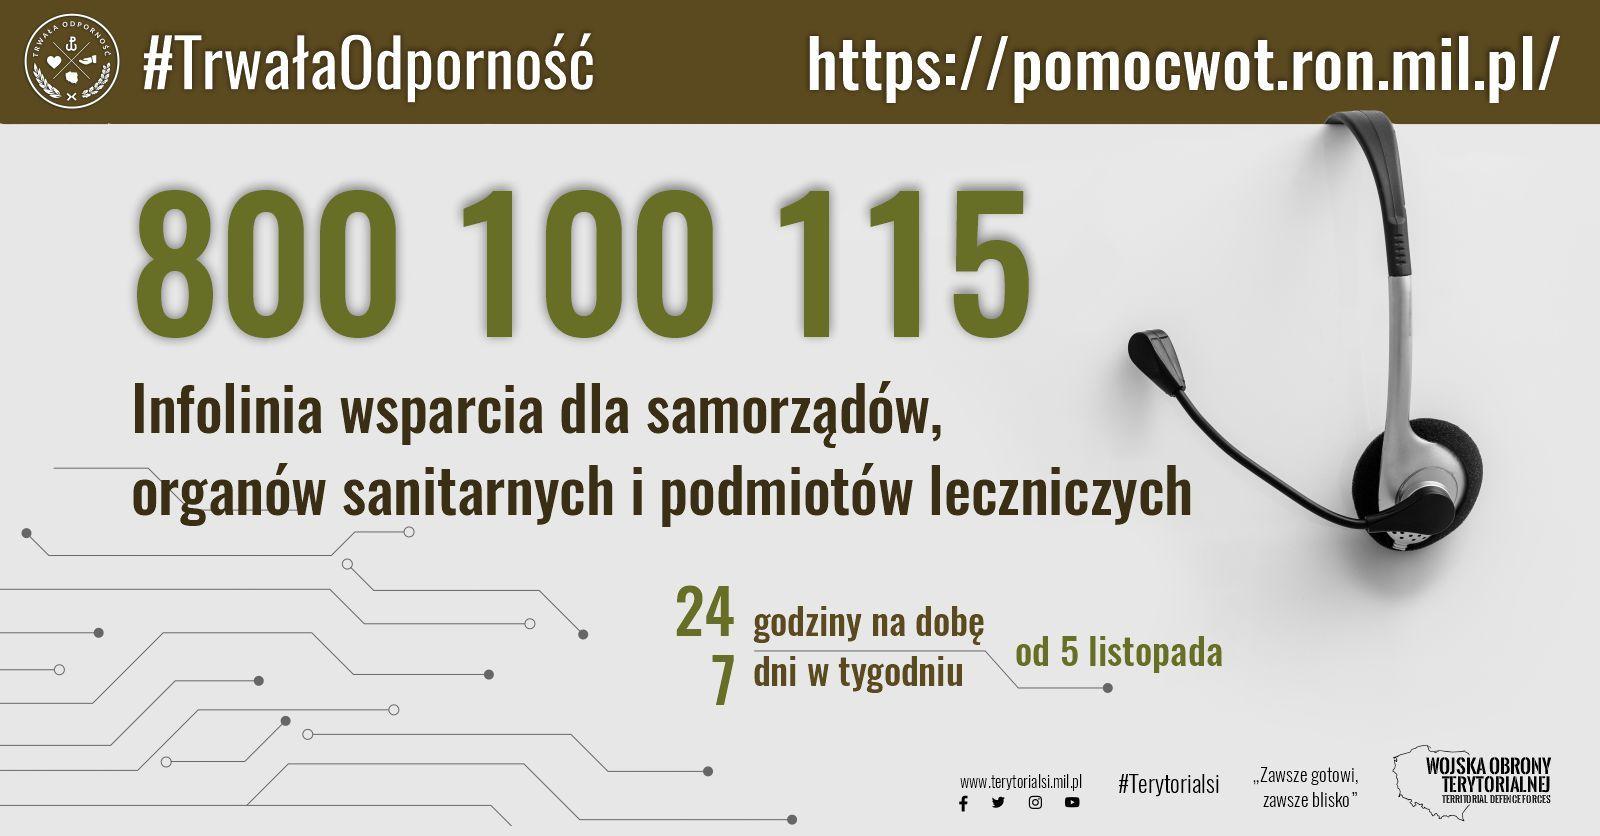 Uruchomiono infolinię wsparcia WOT. Lubelscy terytorialsi zachęcają do korzystania - Zdjęcie główne